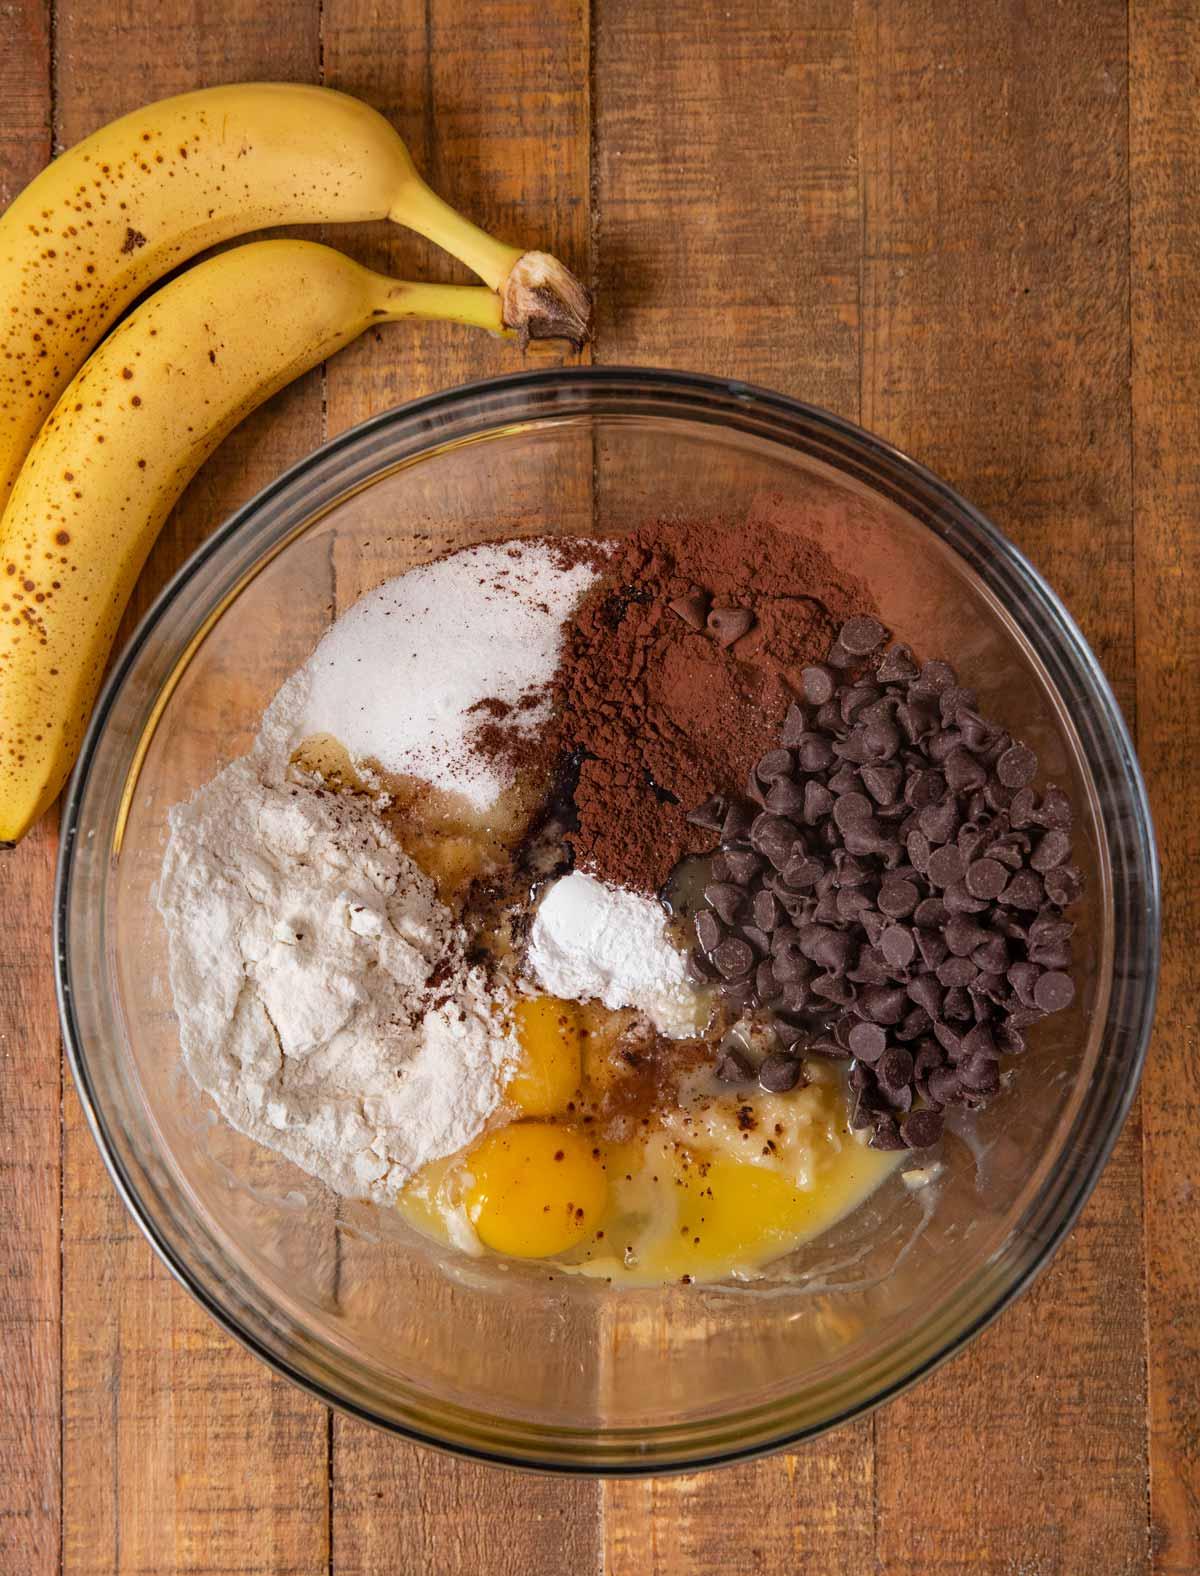 Chocolate Banana Brownies ingredients in bowl